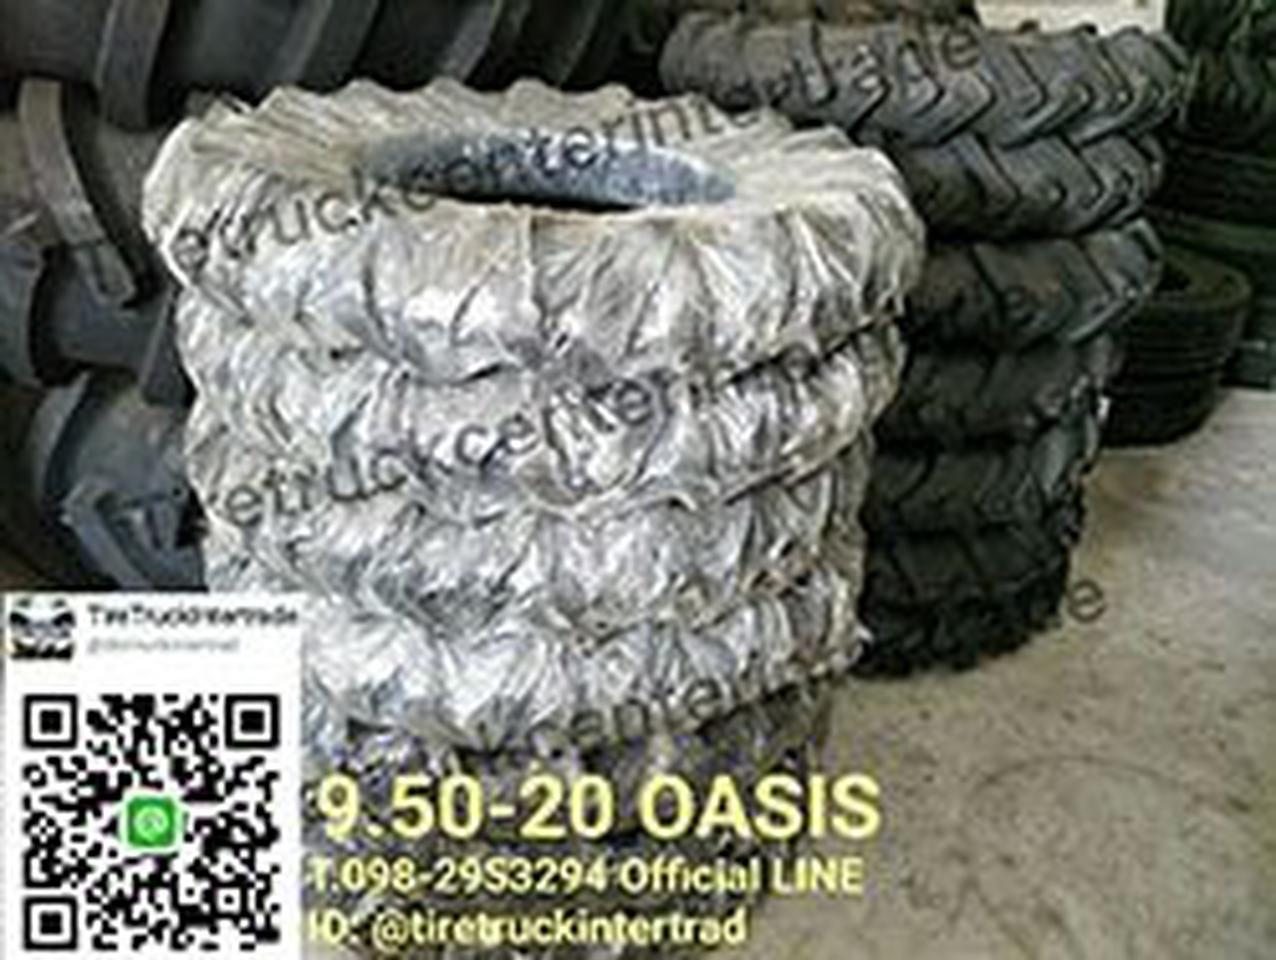 ยางสำหรับรถการเกษตรขนาด 9.50-20 OASIS สามารถติดต่อสอบถามรายล รูปที่ 1